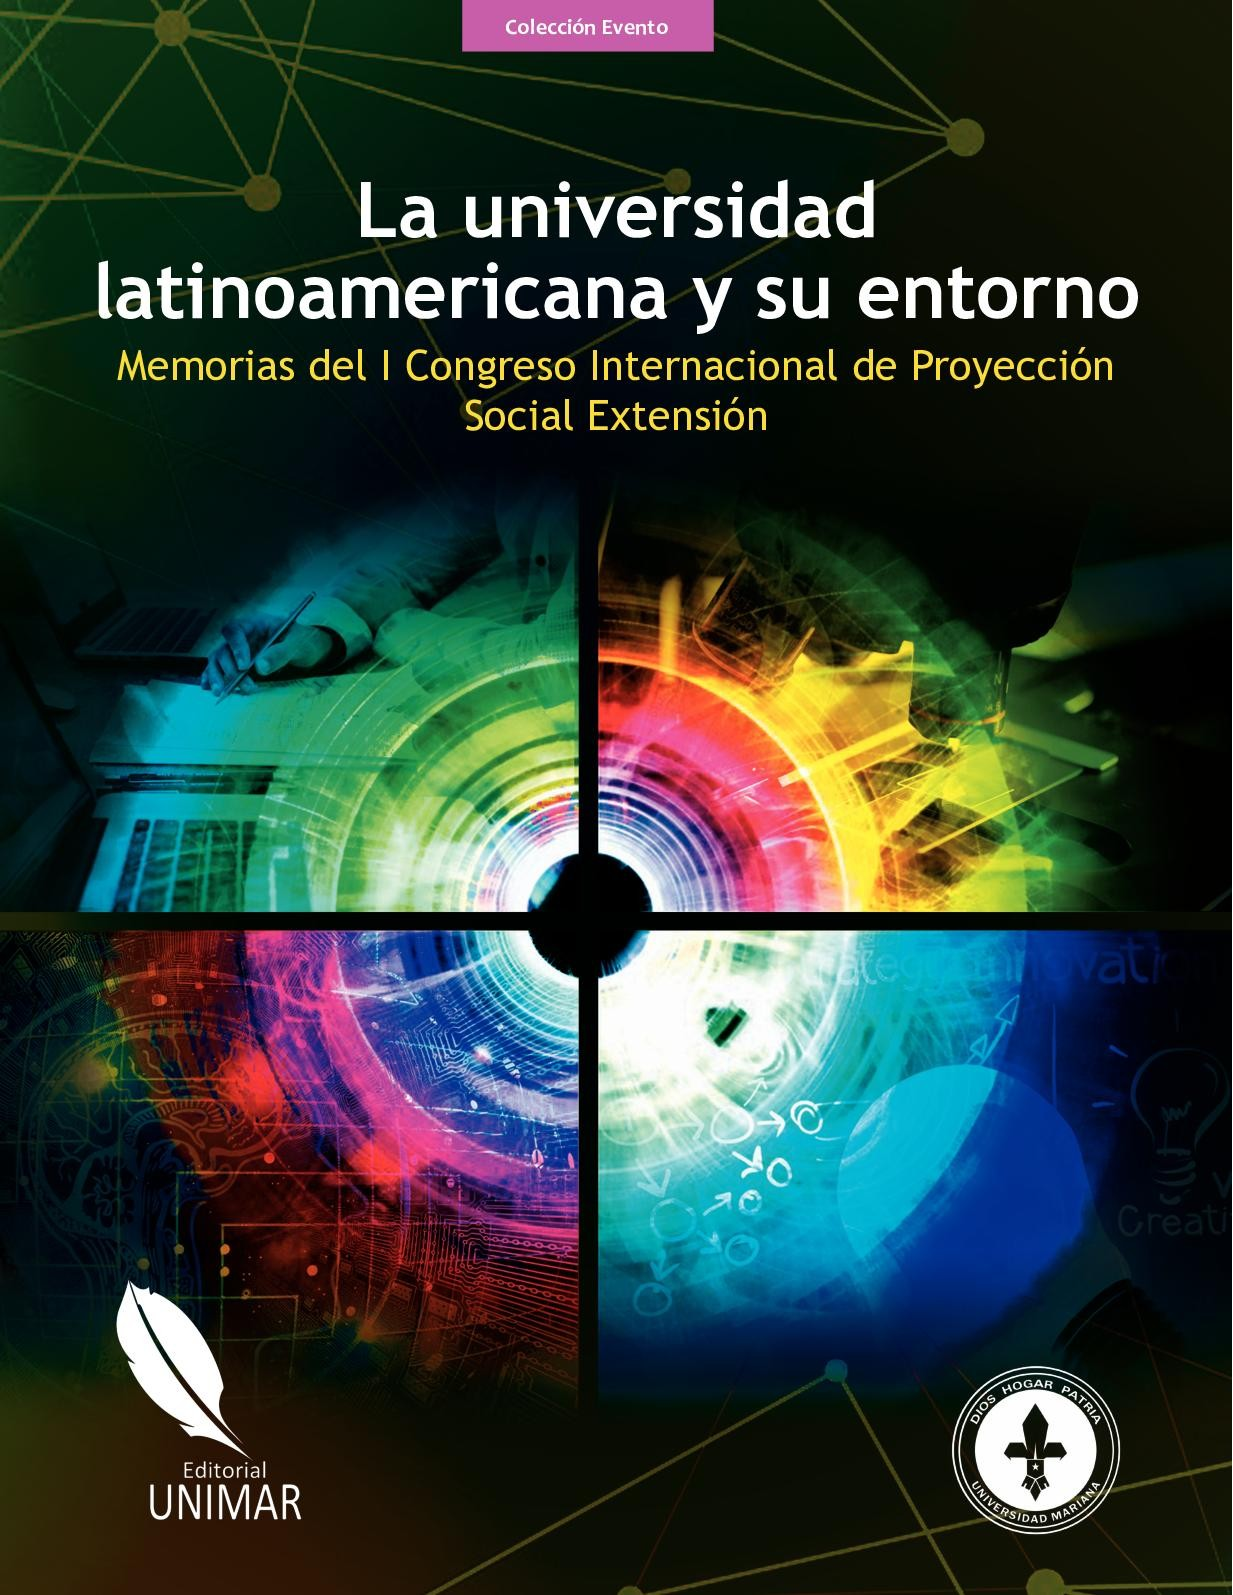 Calendario 2019 Dias Festivos Republica Dominicana Más Reciente Calaméo La Universidad Latinoamericana Y Su Entorno Final